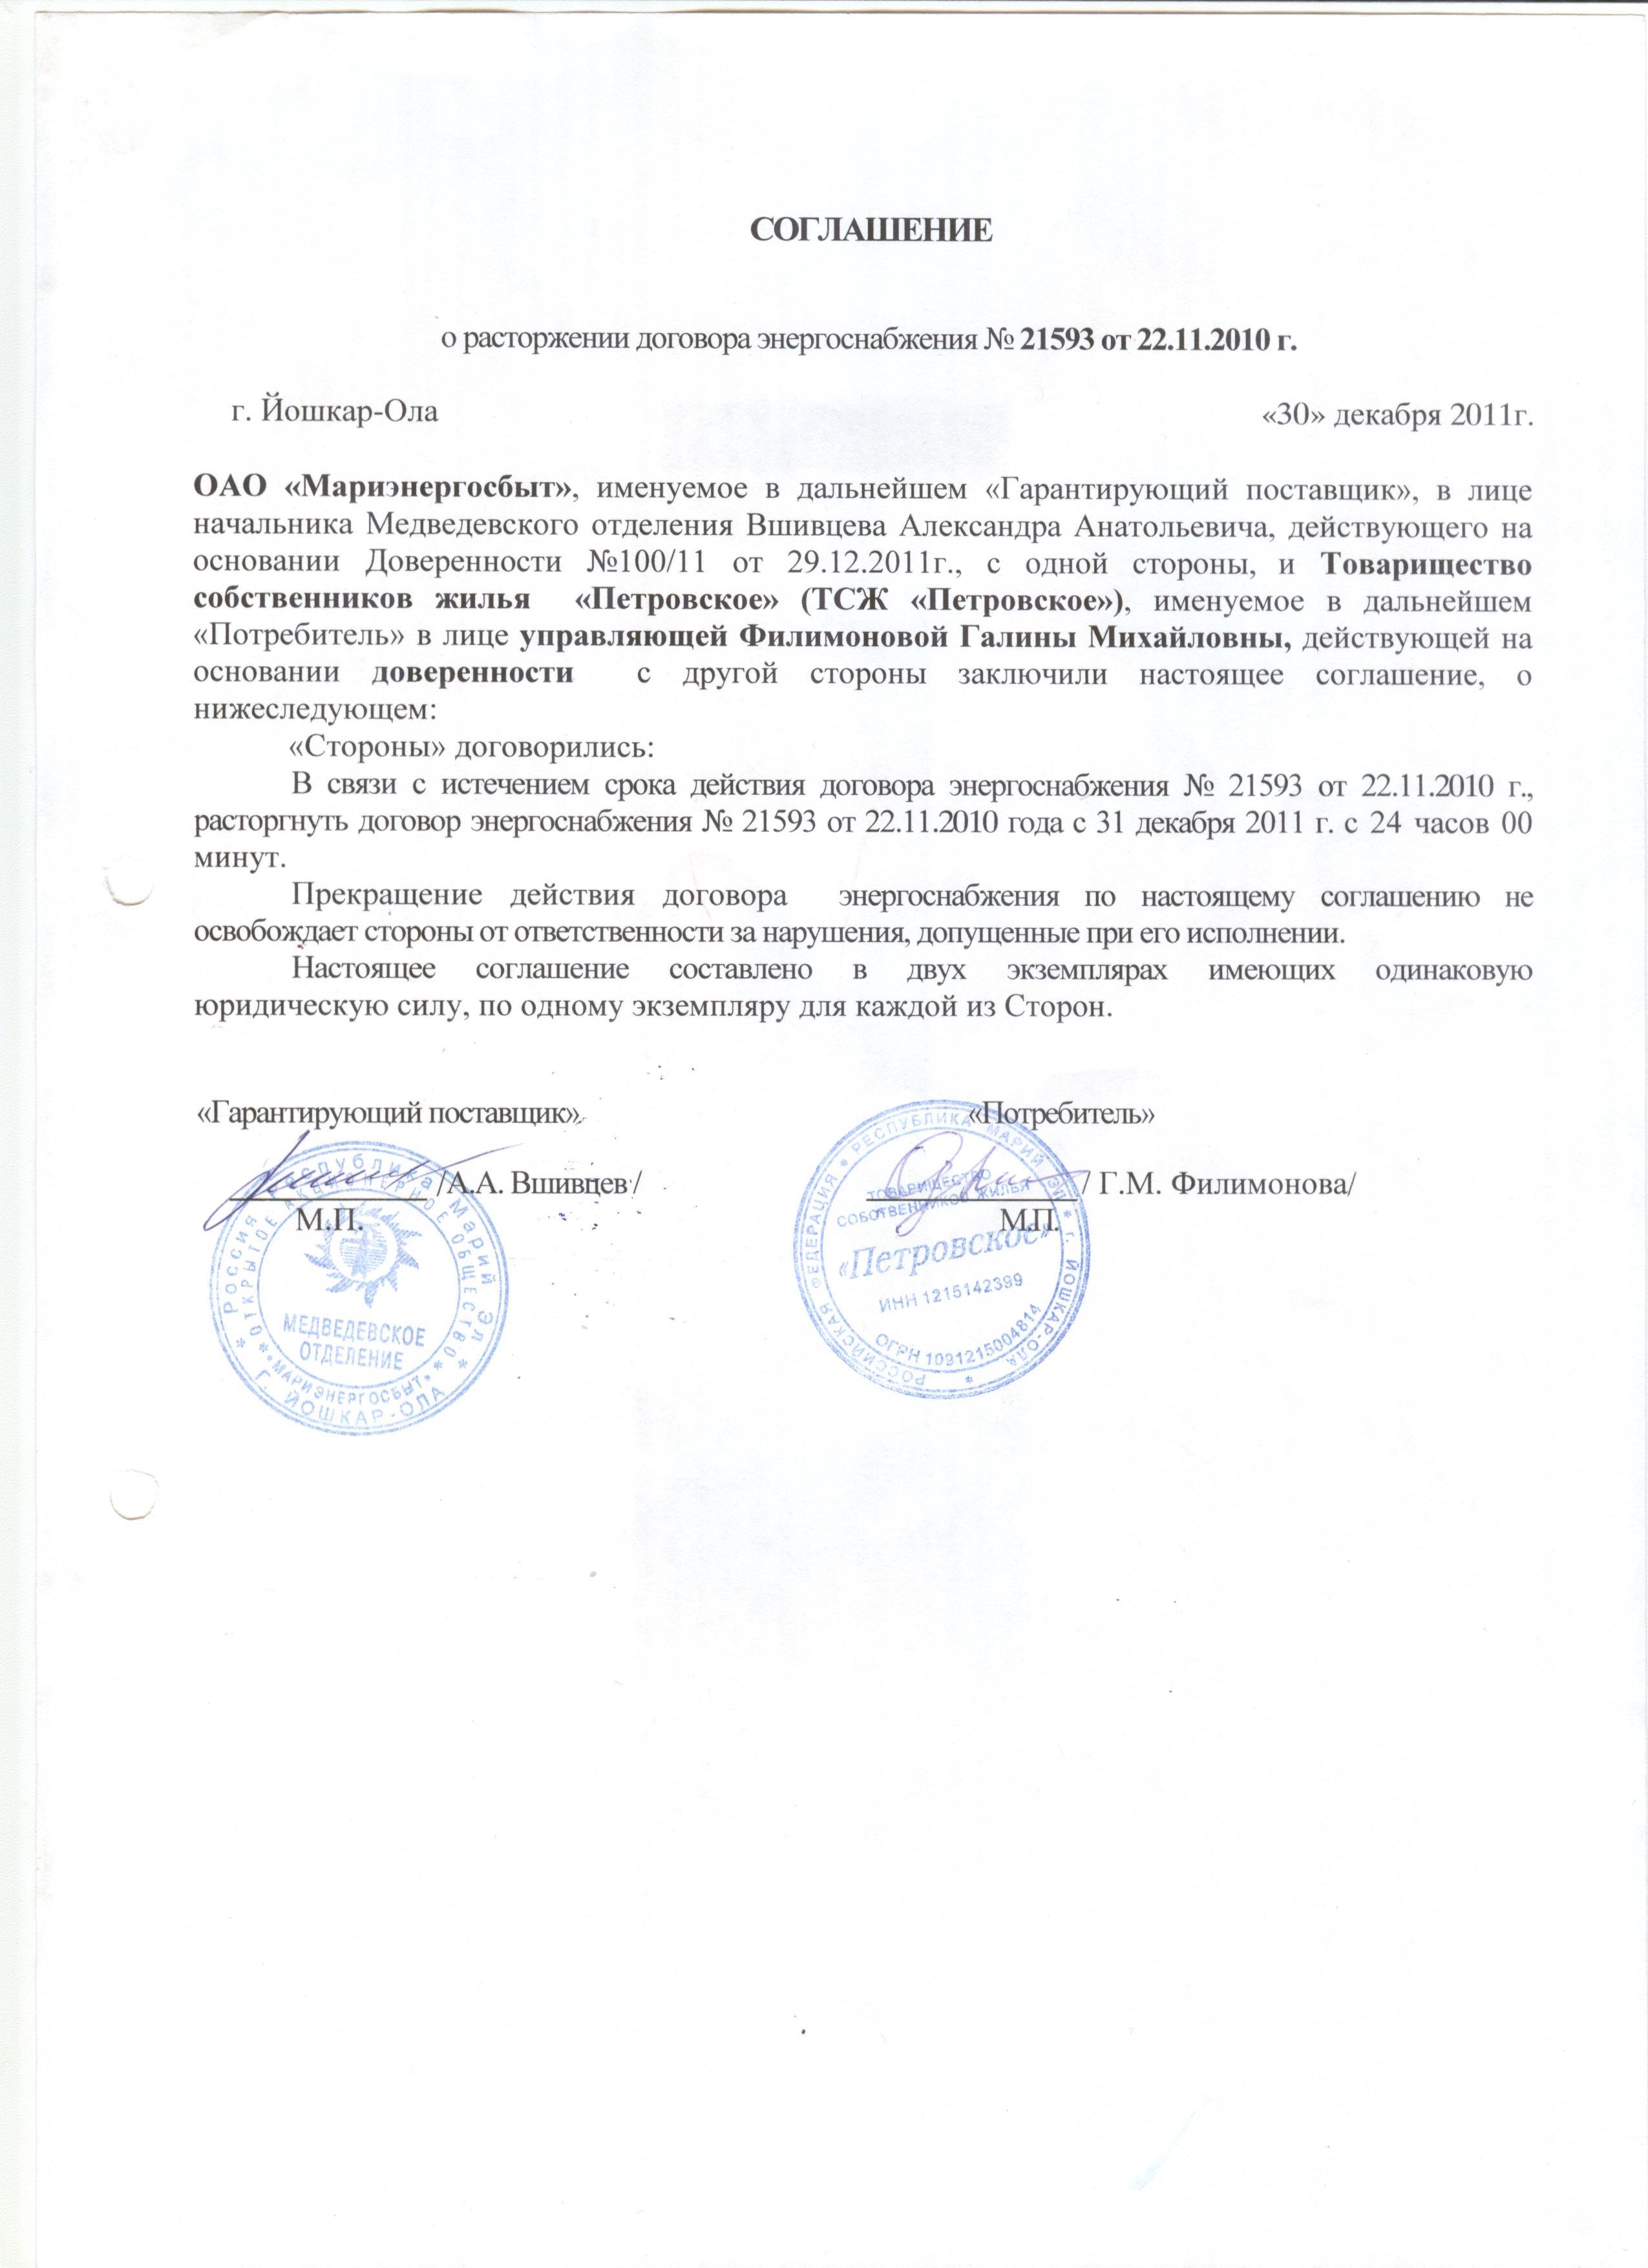 Образец соглашения о расторжении договора бухгалтерских услуг реквизиты для оплаты единого налога